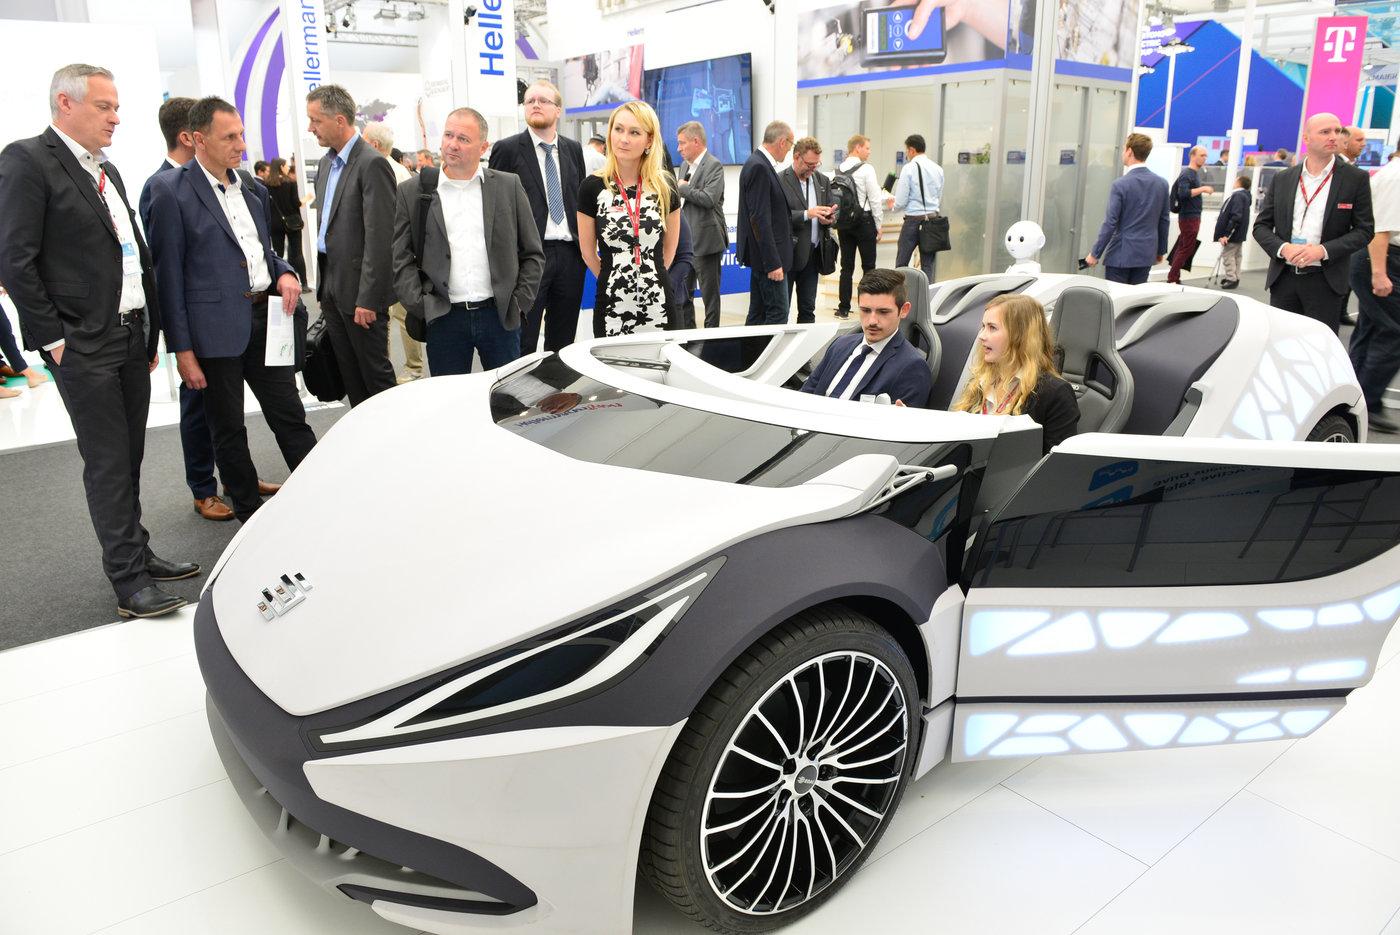 Messestand mit futuristischem Auto auf der IZB in Wolfsburg